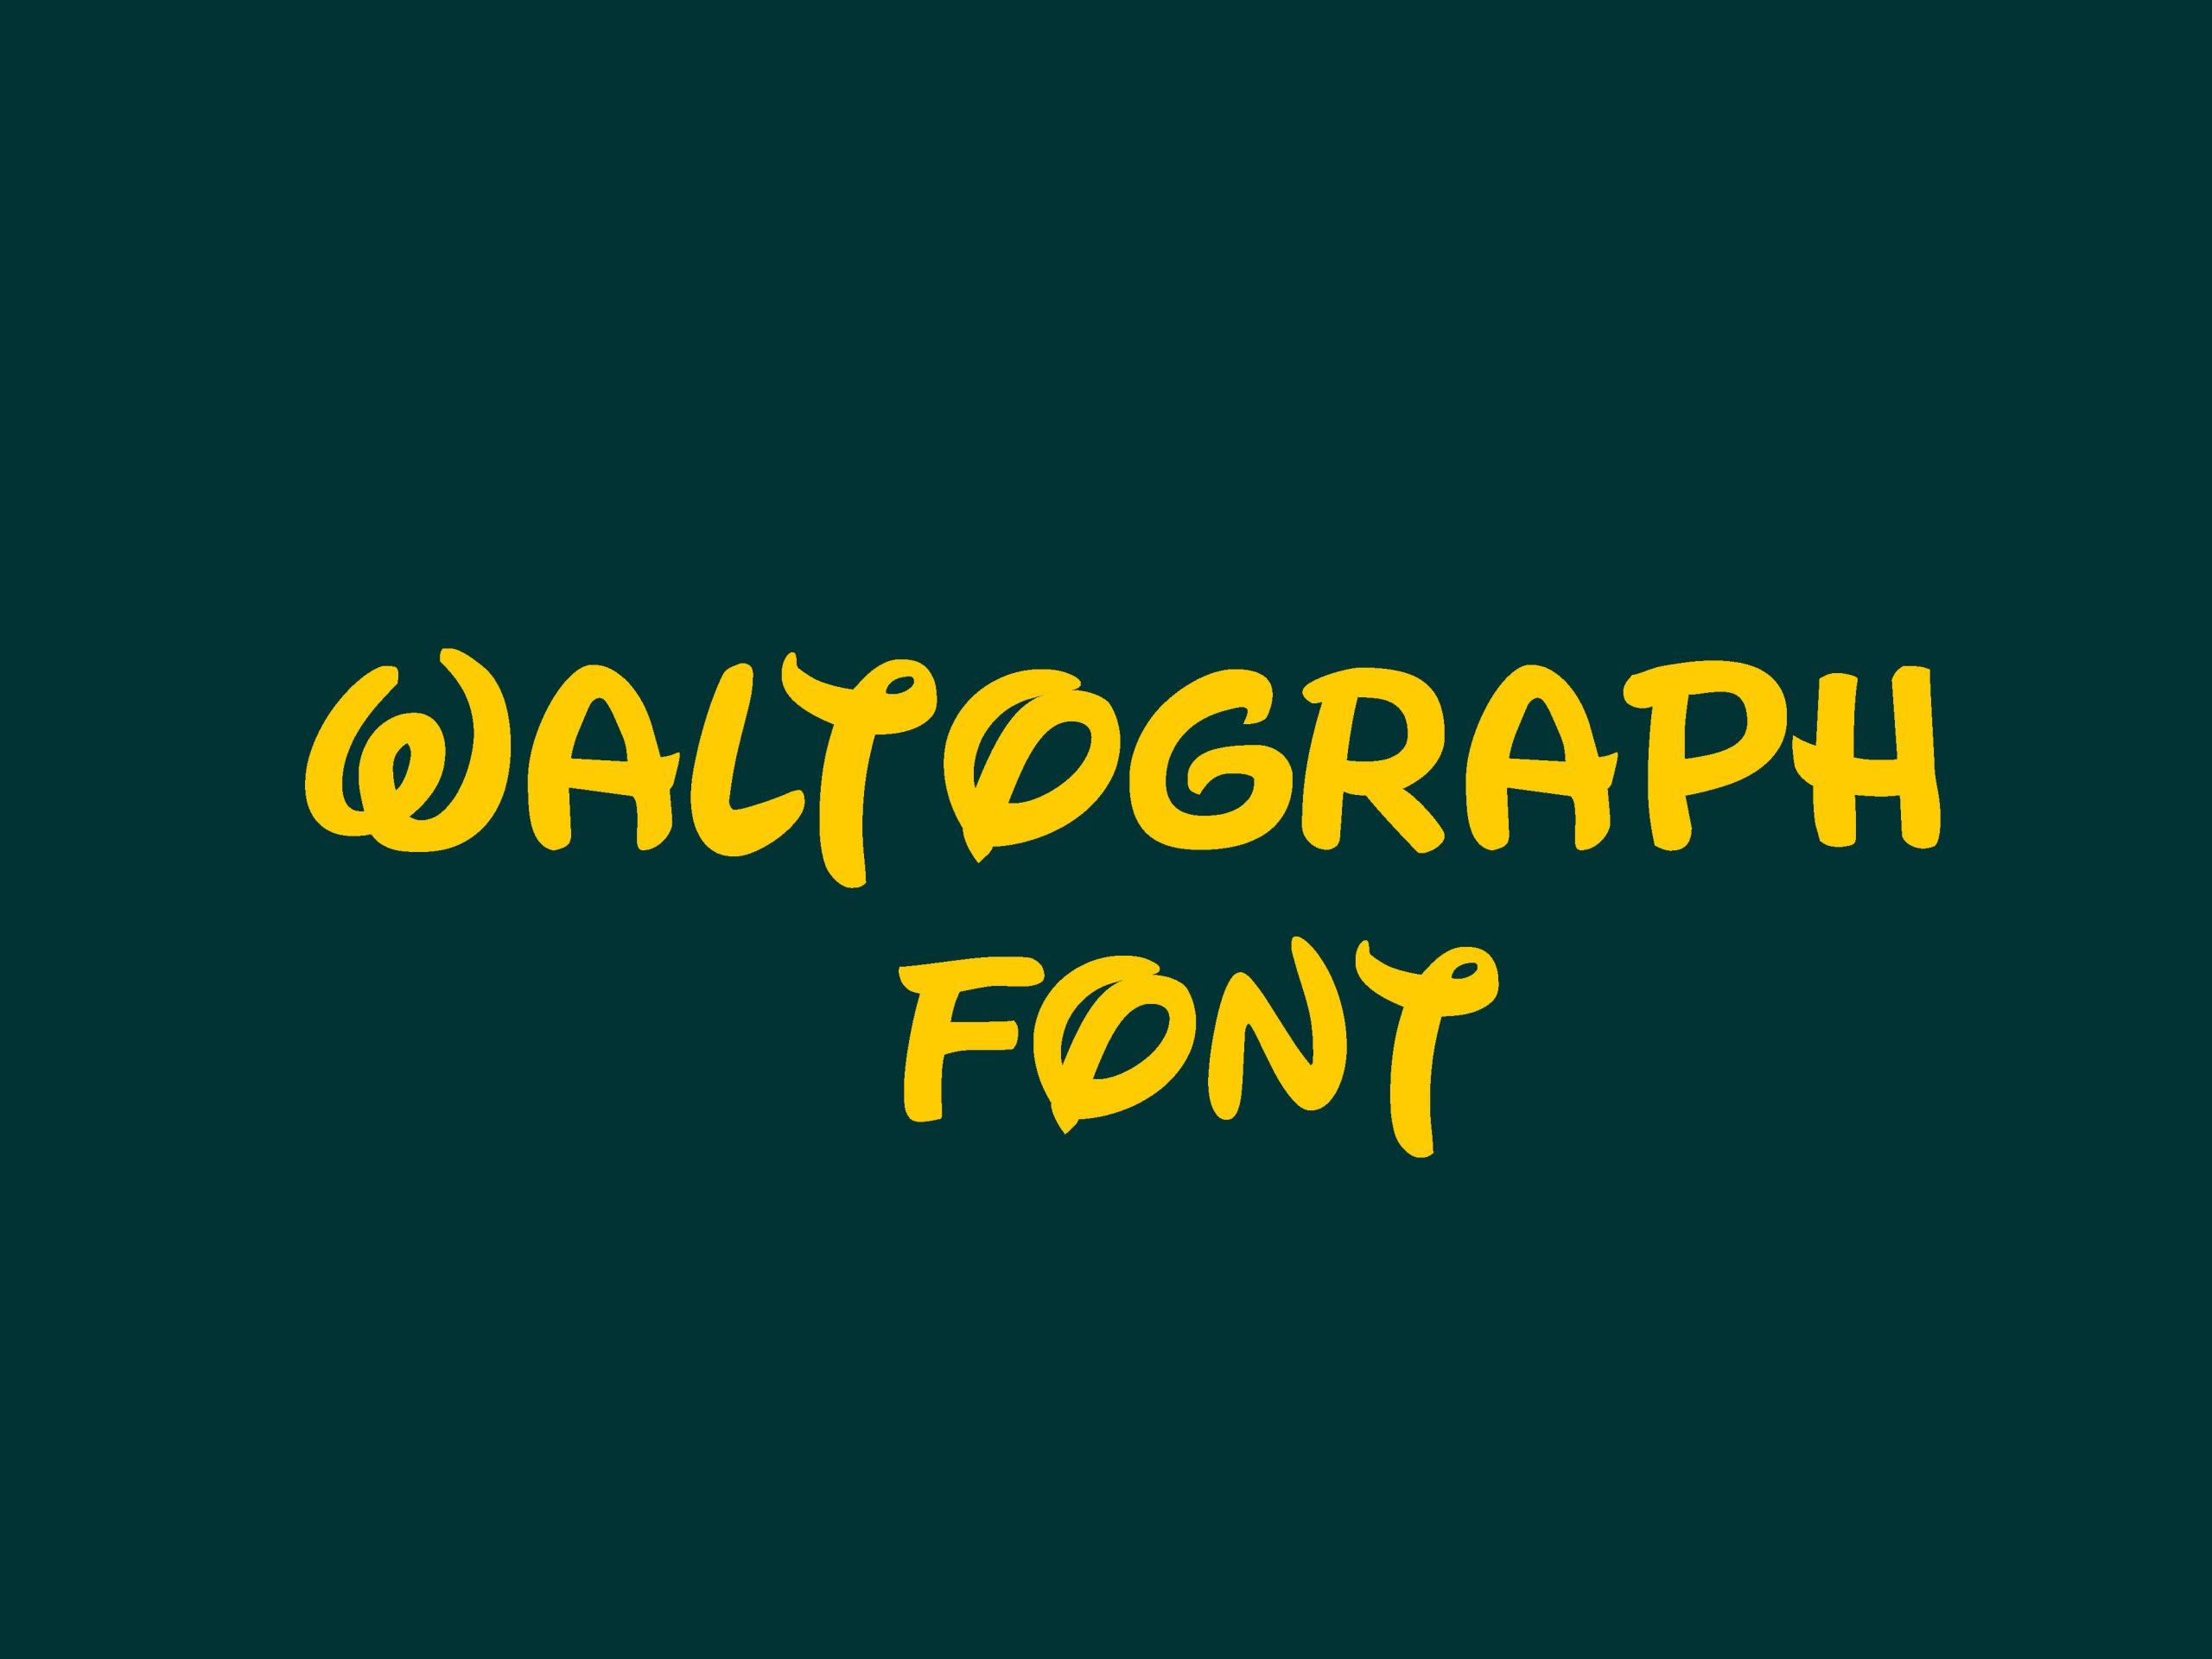 Waltograph Script Font-1